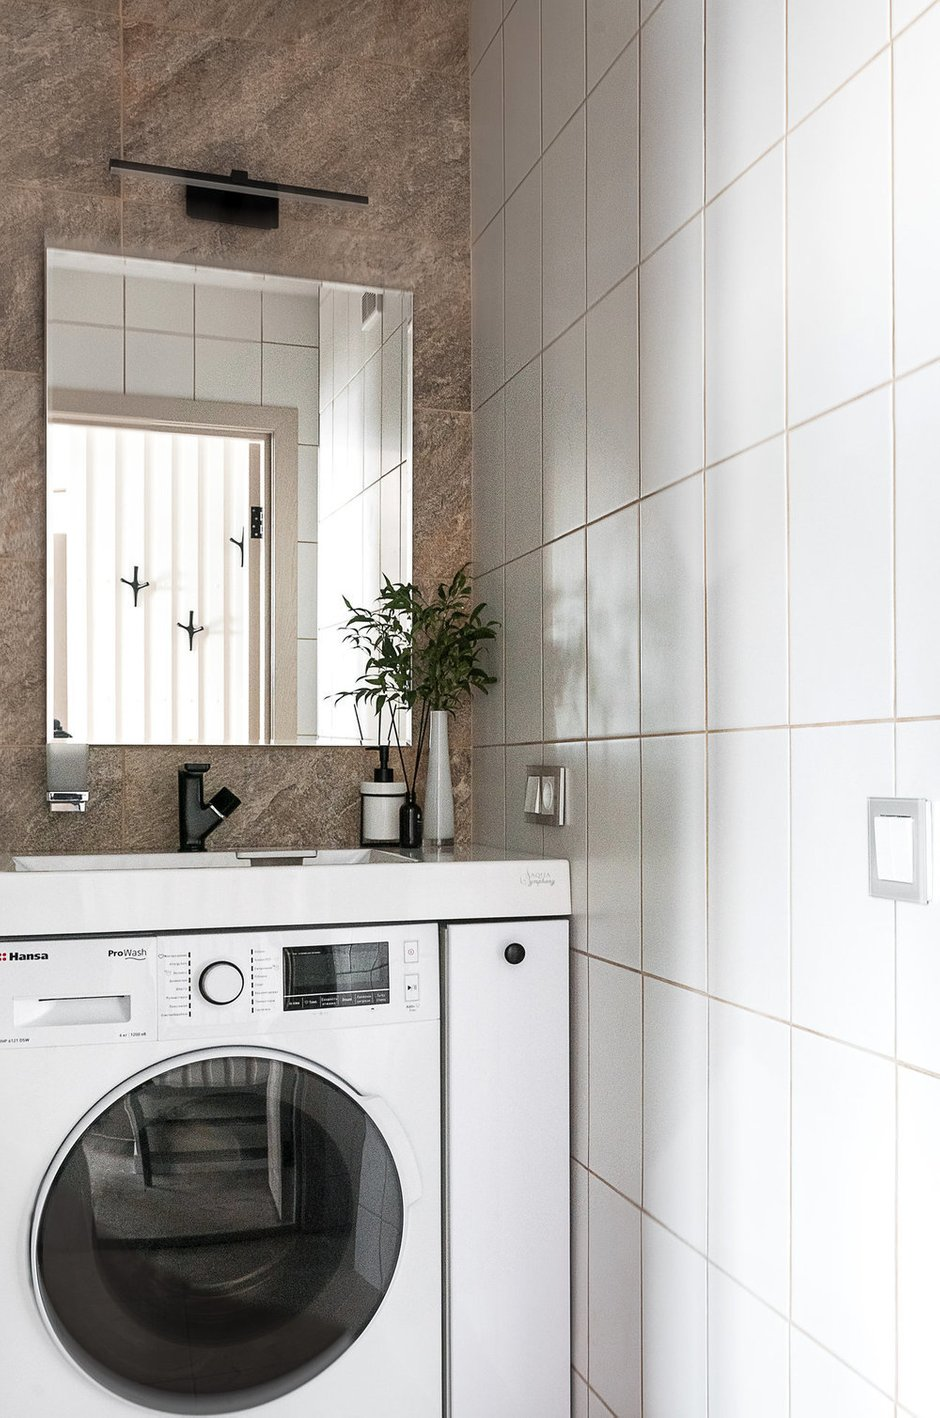 Часть стен — в темном керамограните, перекликающемся с текстурой камня на фартуке кухни, остальные стены — белые, чтобы не затемнять и зрительно расширить пространство помещения.